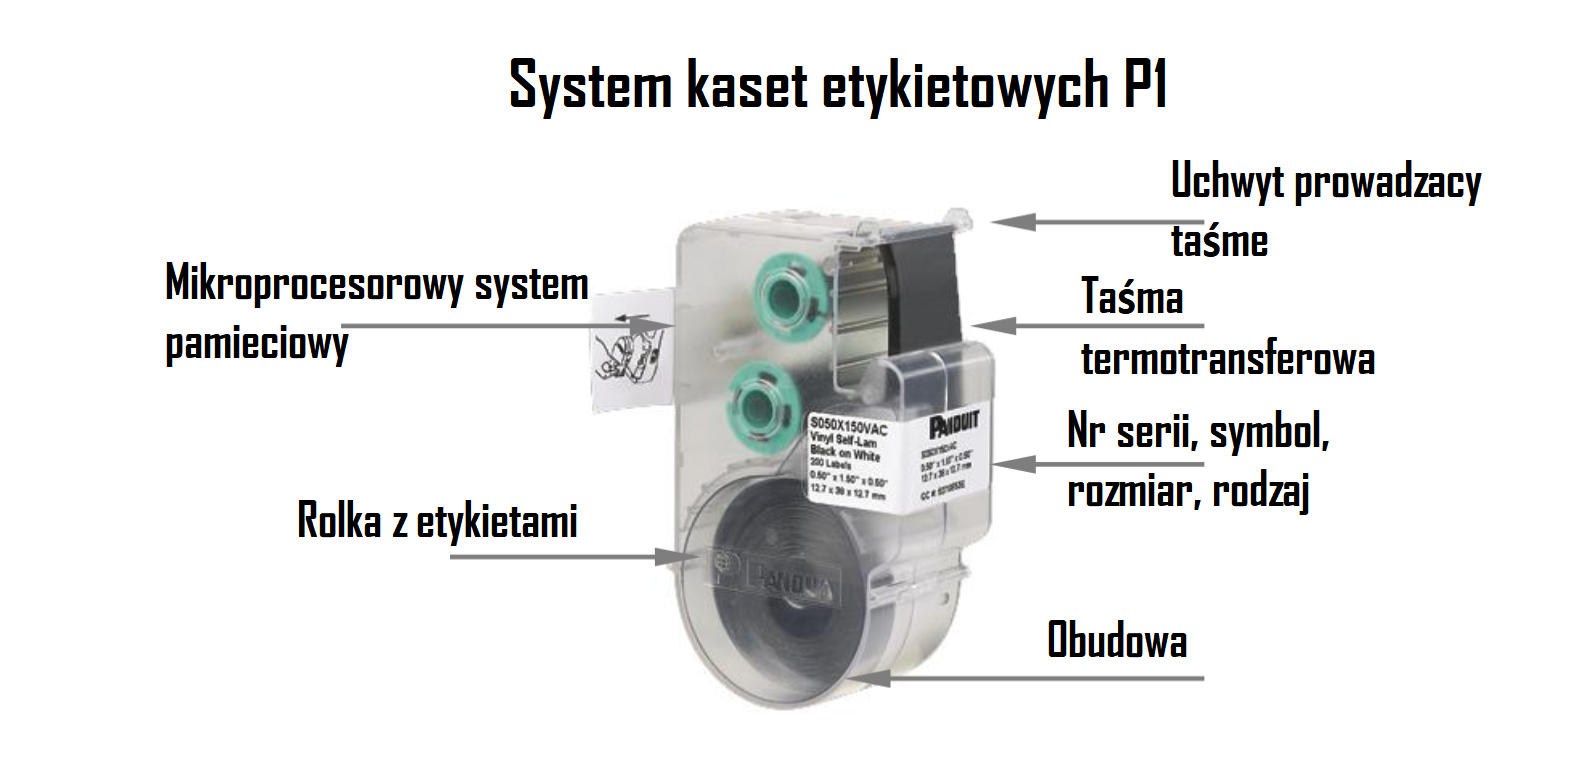 system kaset etykietowym